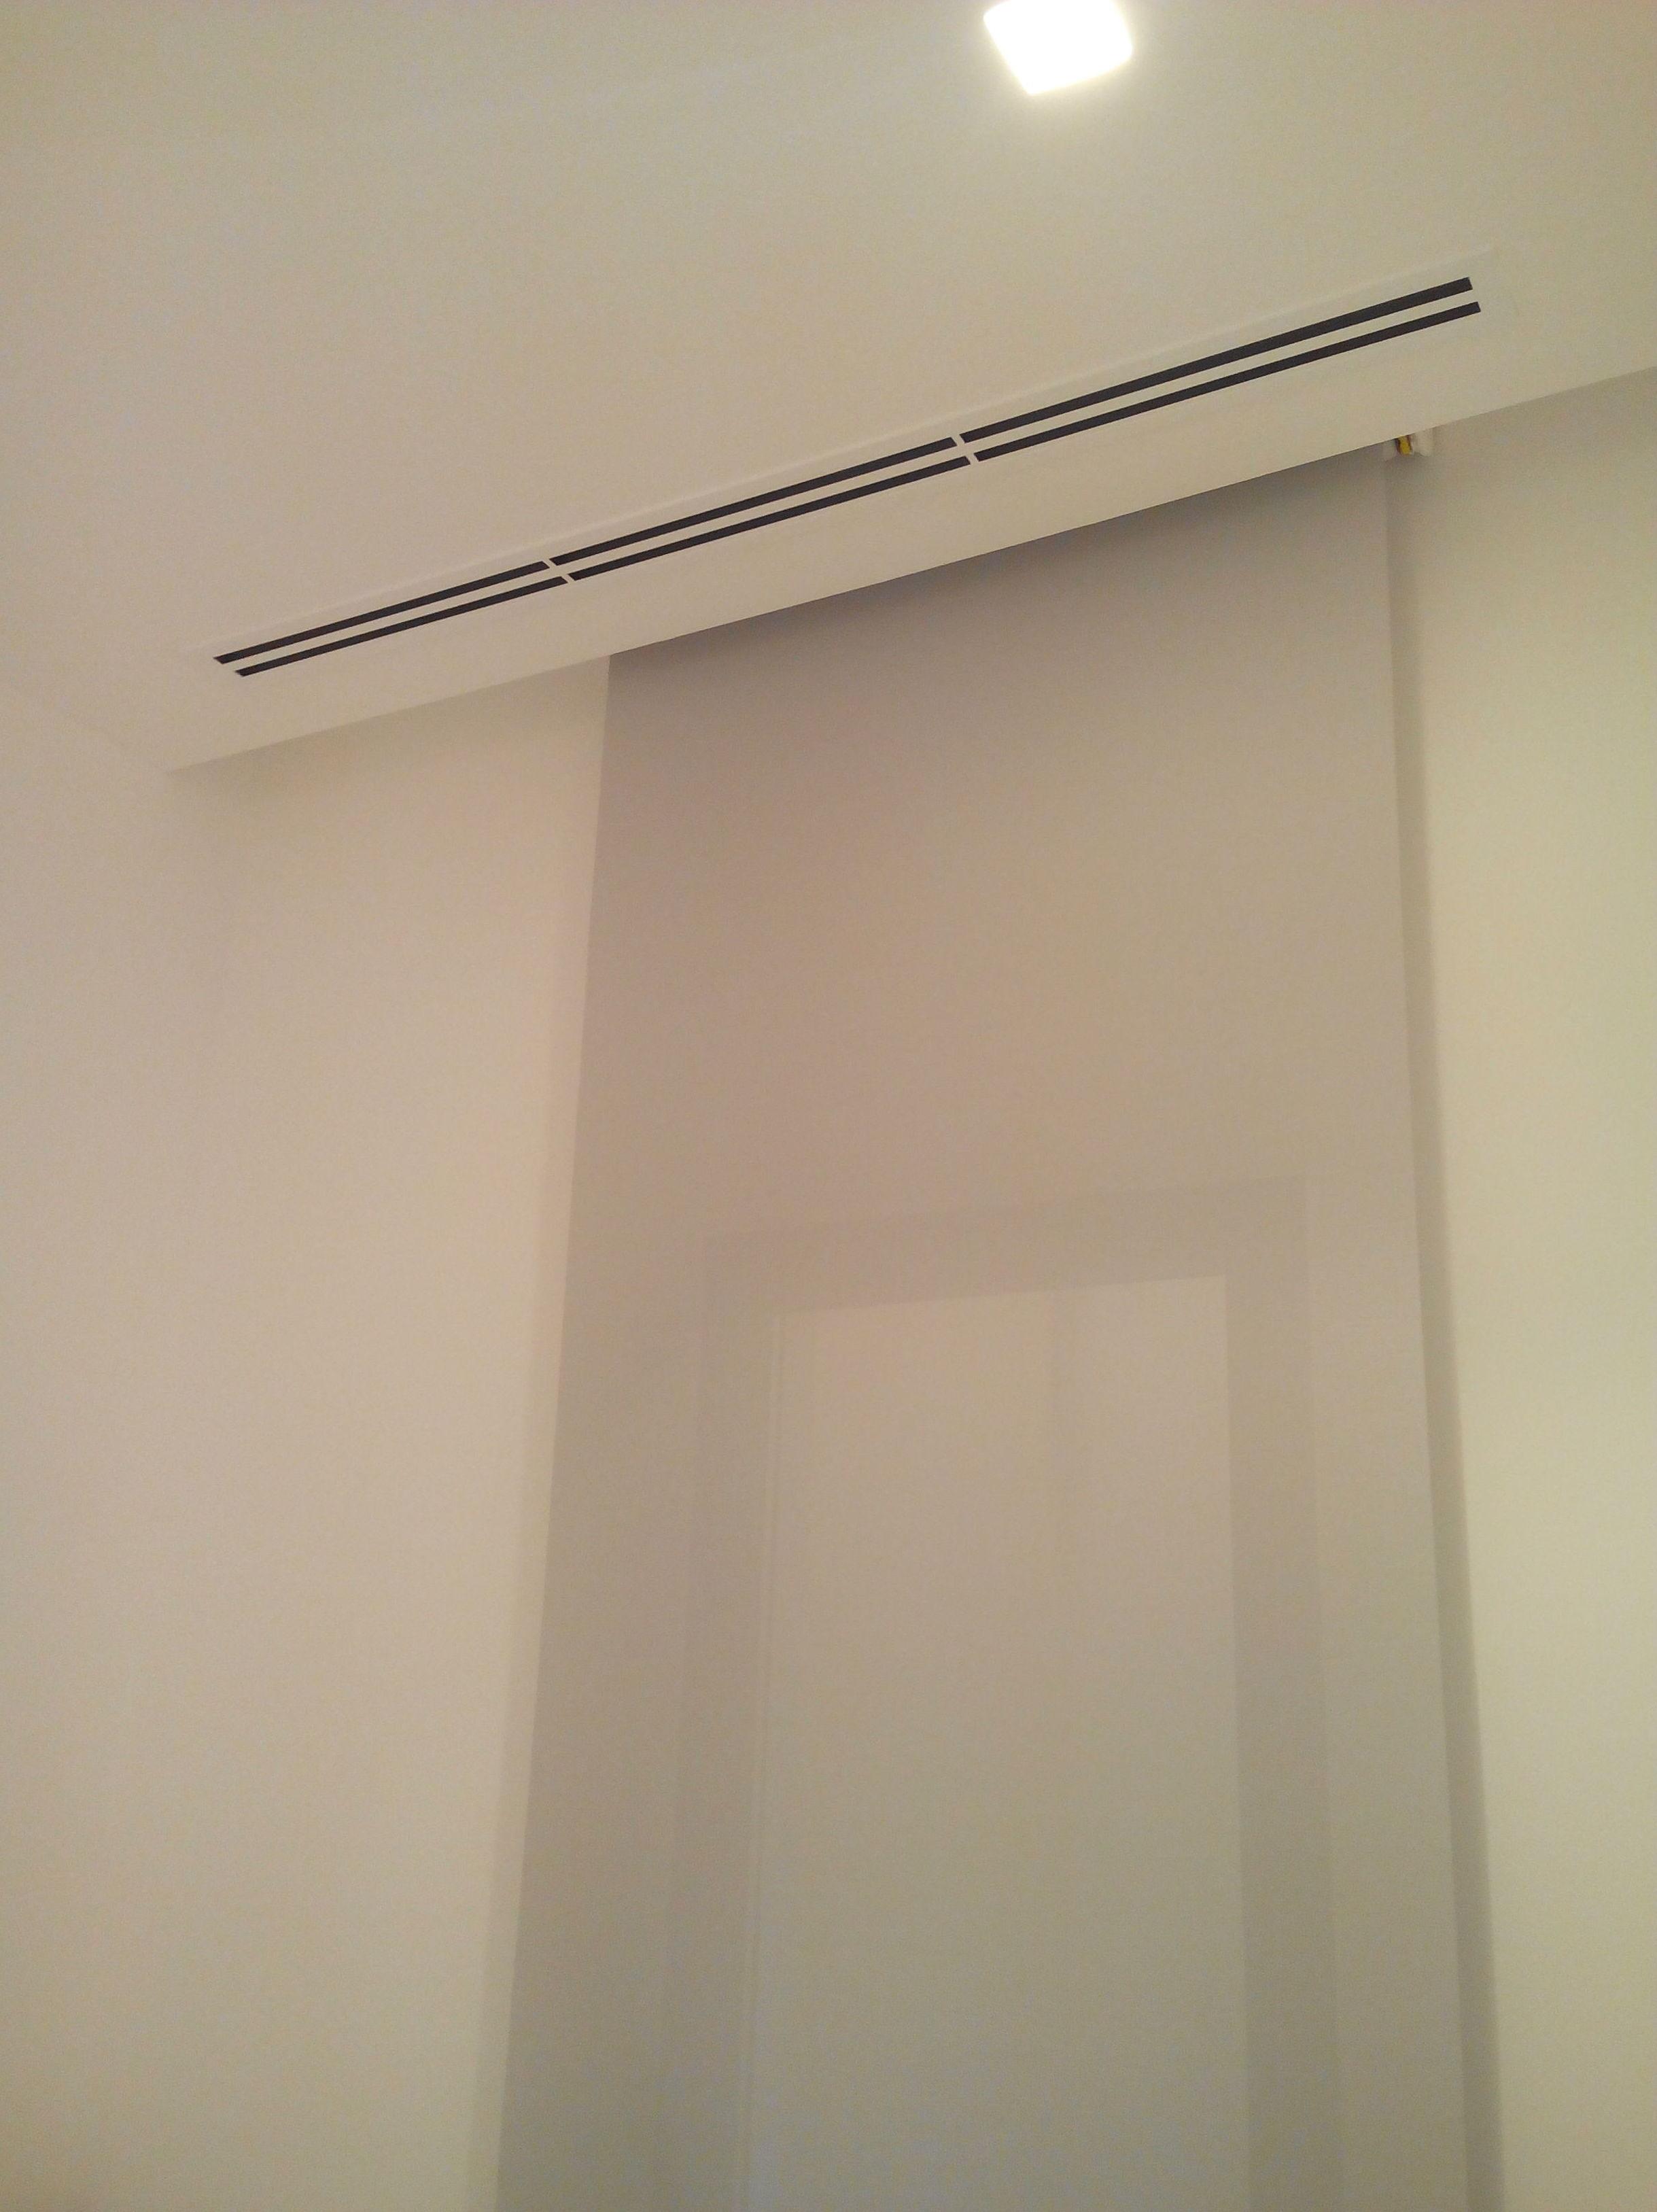 Aire acondicionado - Difusor lineal de dos vías en dormitorio